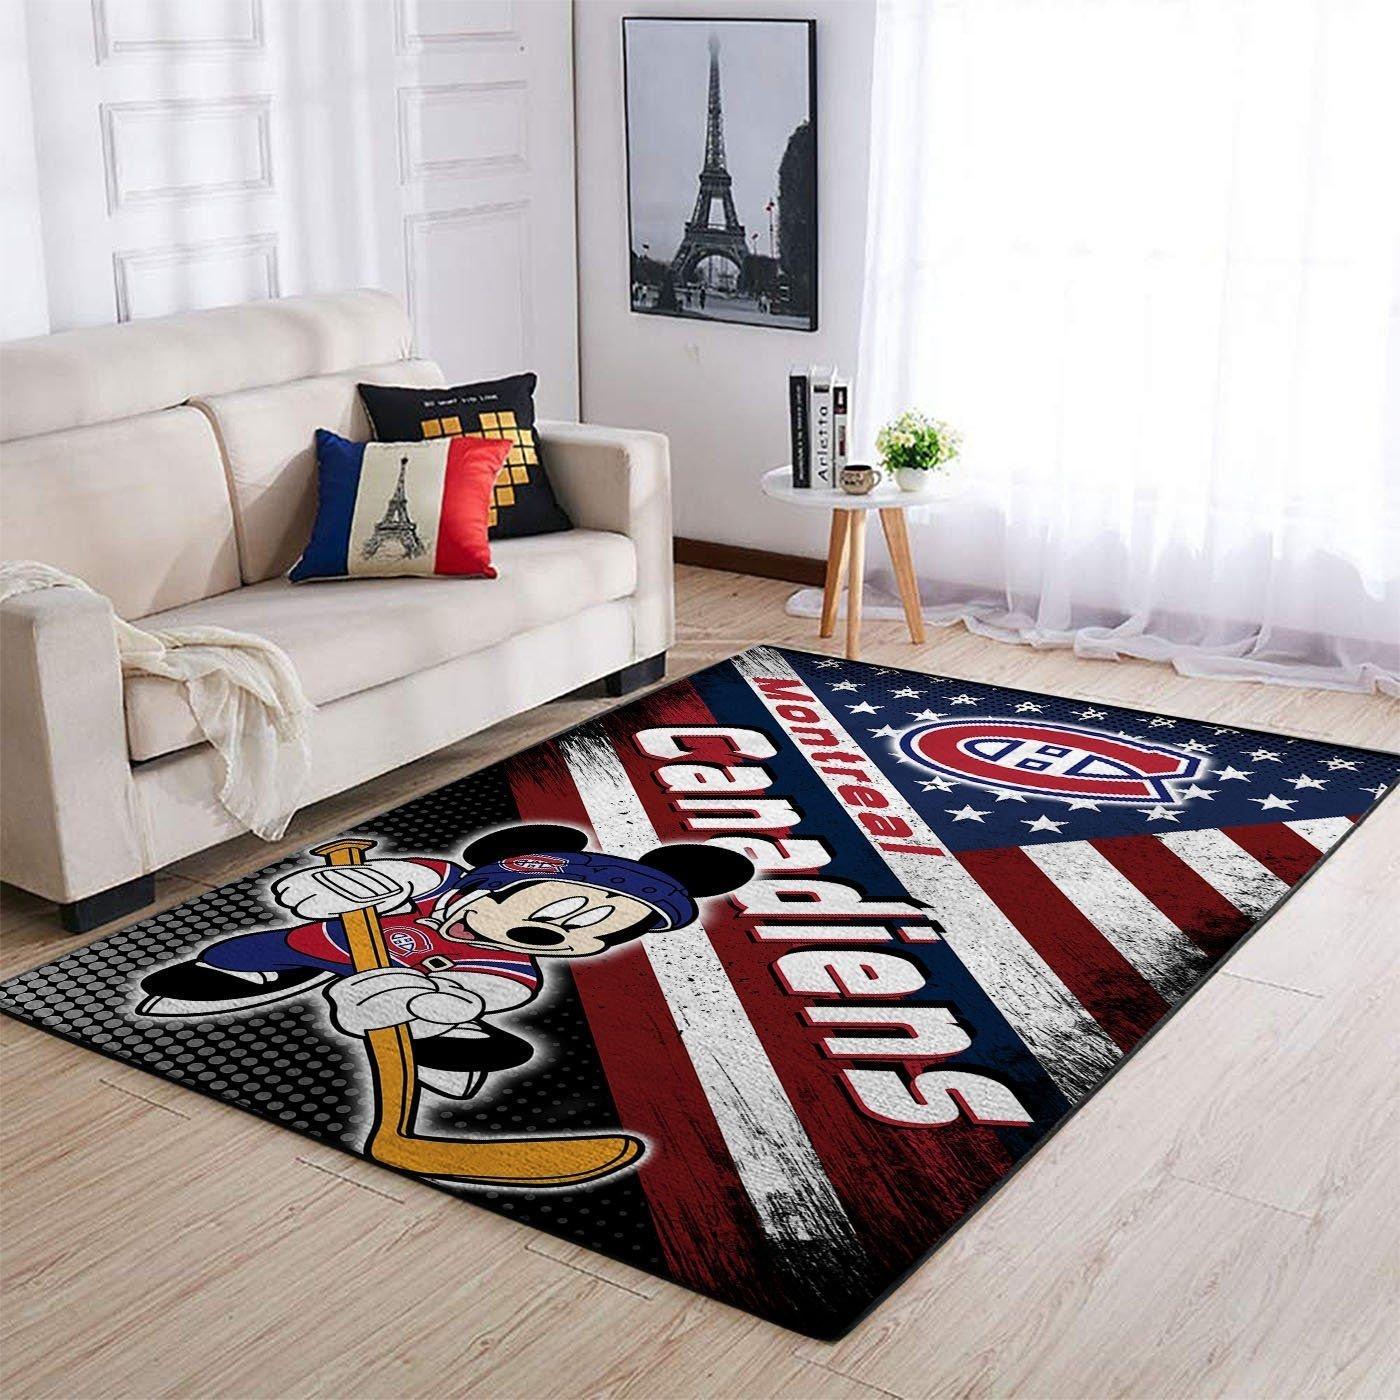 Amazon Montr?al Canadiens Living Room Area No3997 Rug